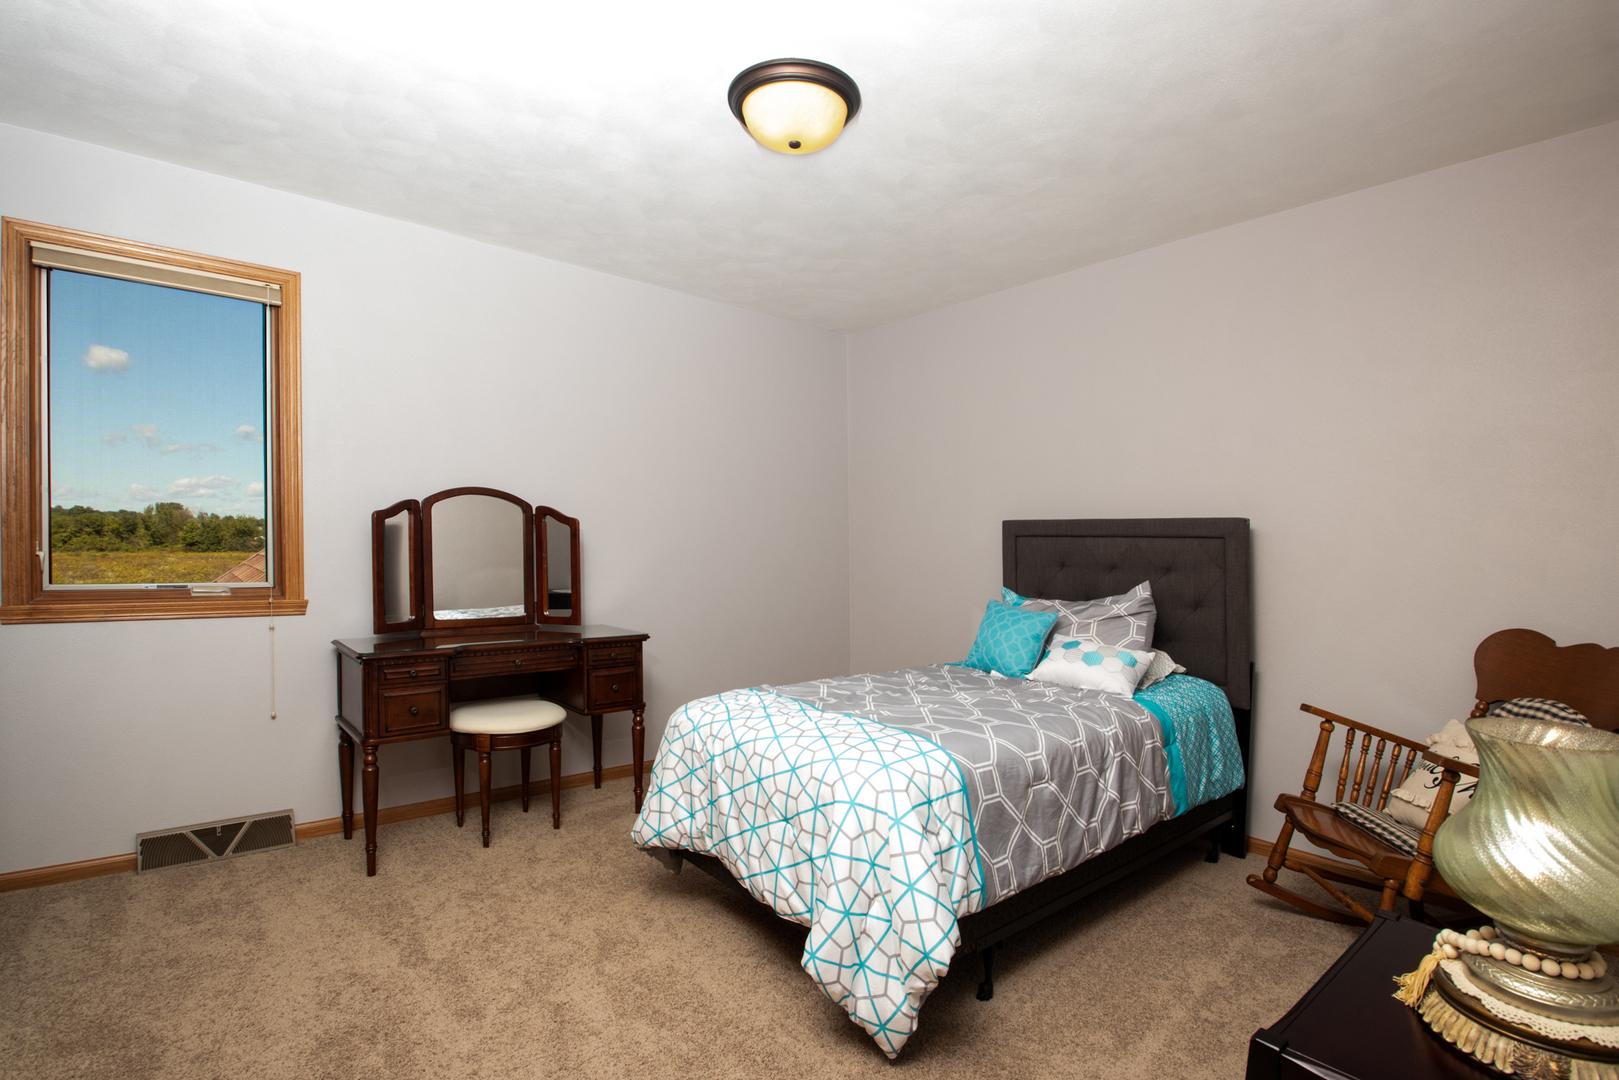 12408 Heather, Belvidere, Illinois, 61008